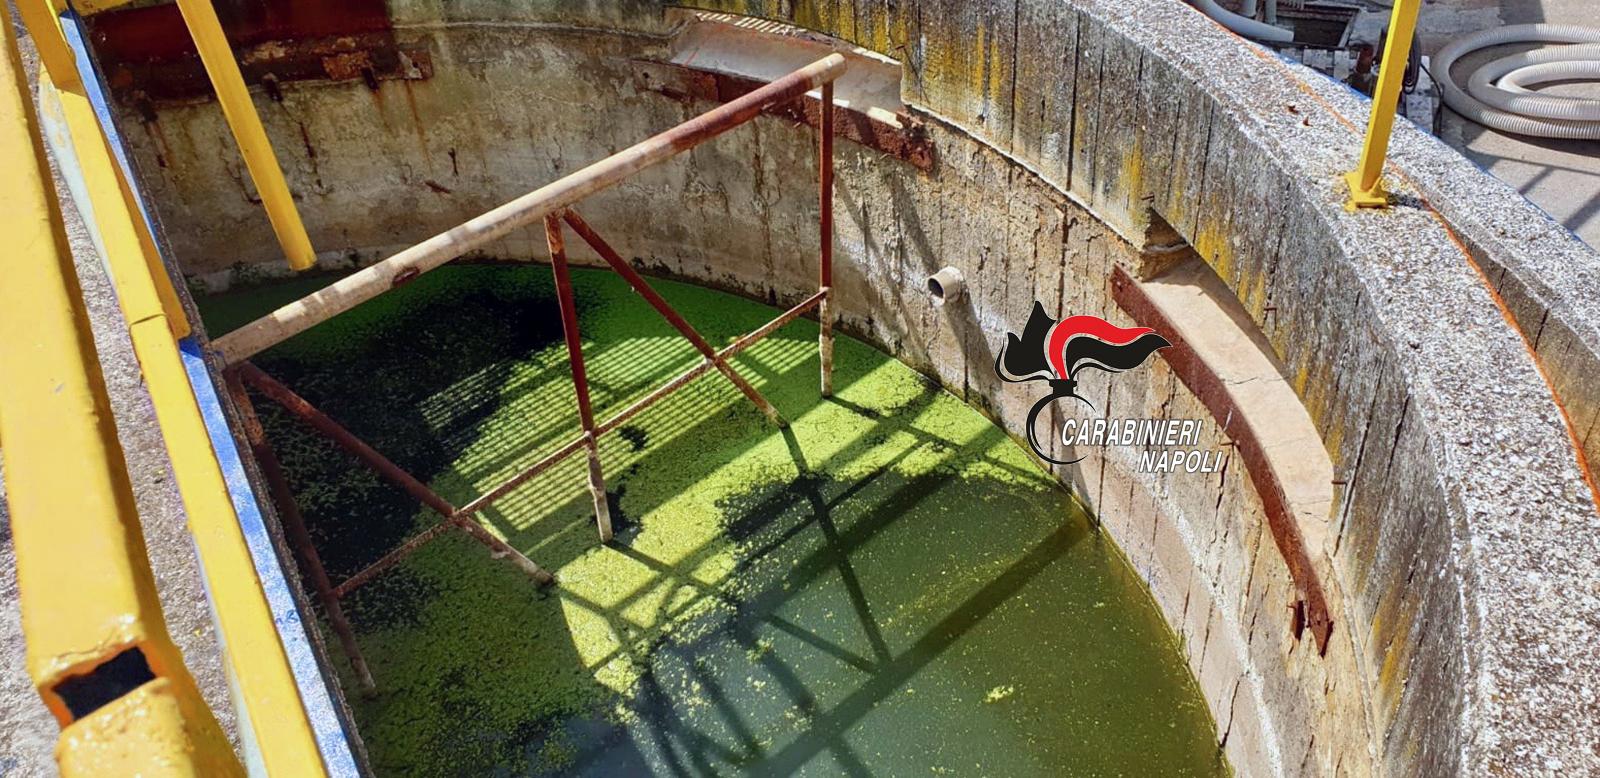 Caivano: carabinieri sequestrano preventivamente azienda che lavora carcasse e residui animali